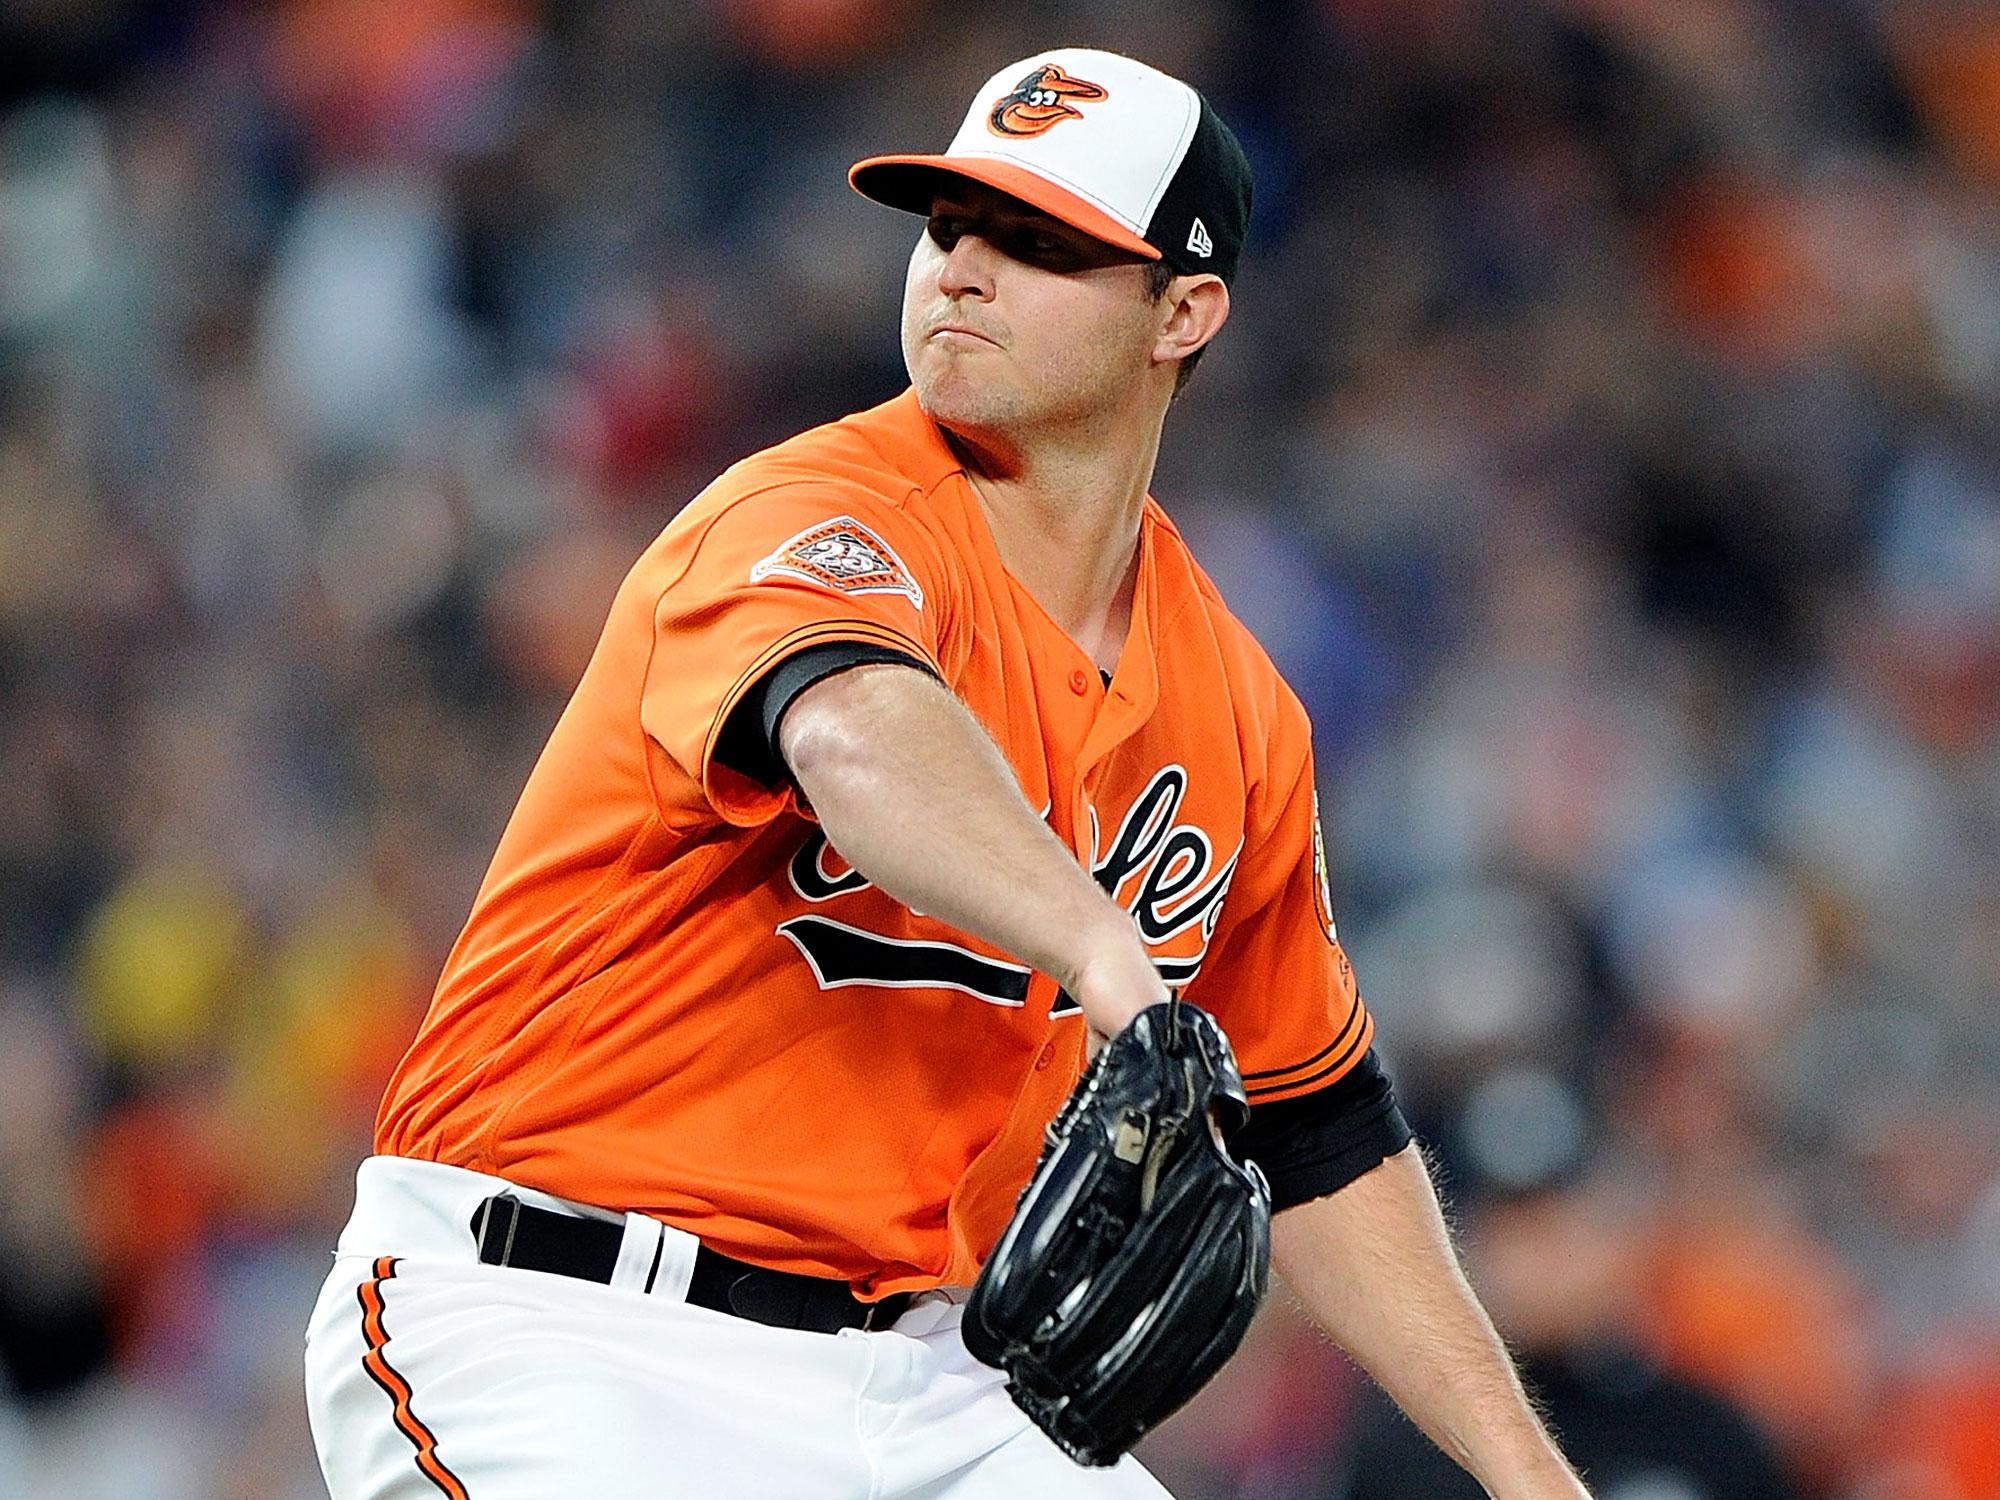 Zach Britton, Baltimore Orioles